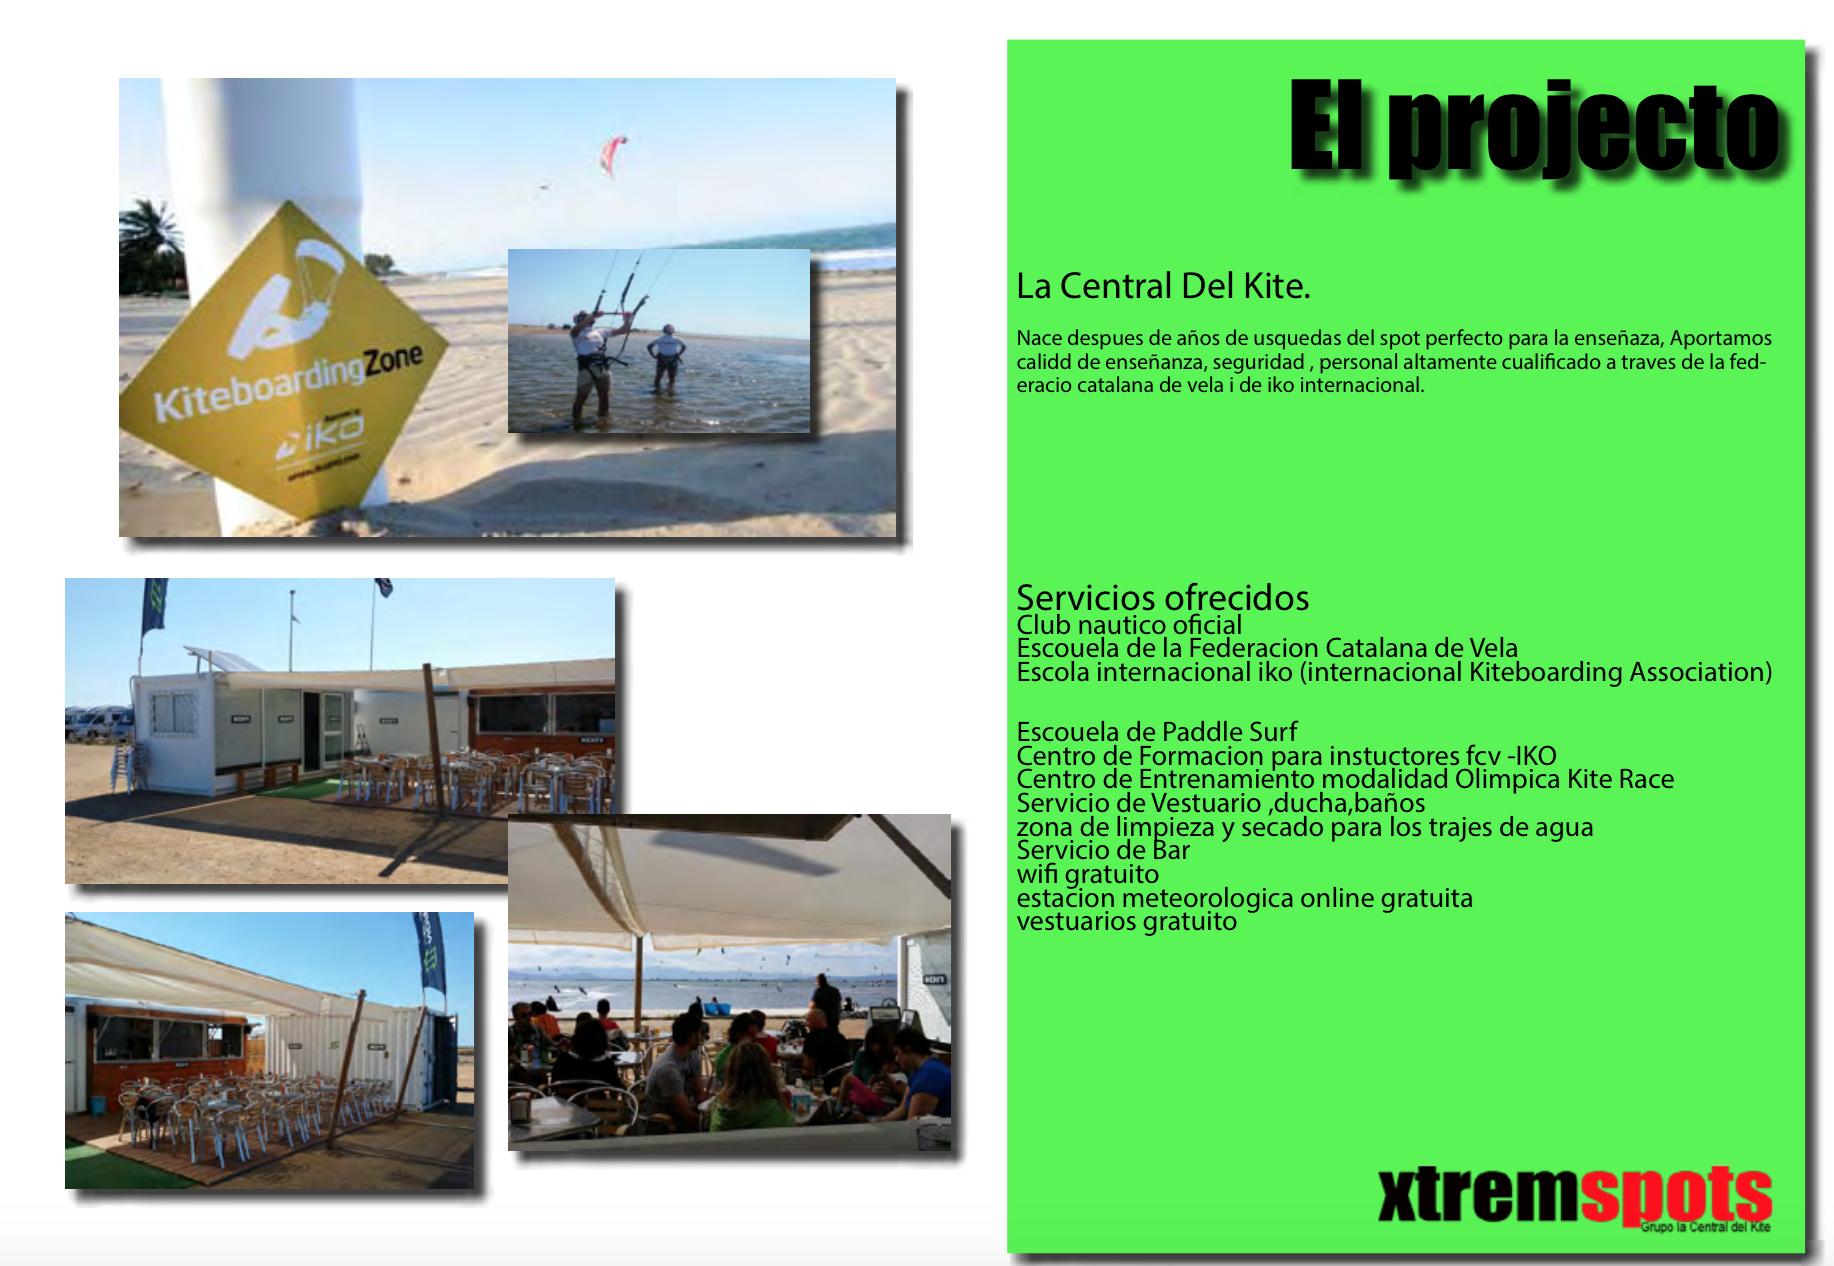 el proyecto de kitesurf